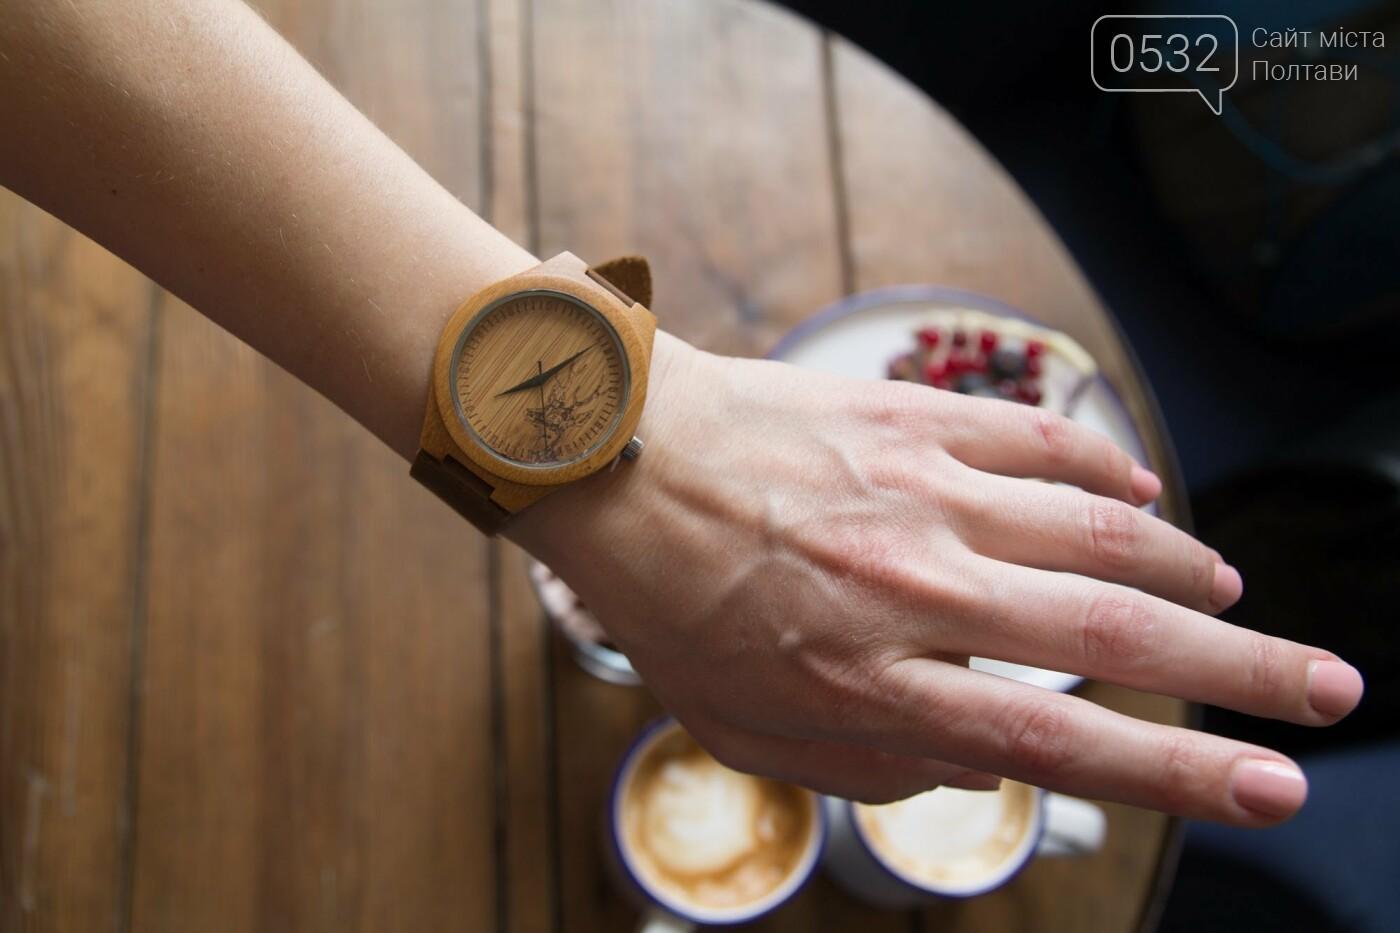 Модний, оригінальний, сучасний годинник. Найкращій подарунок на 14 жовтня!, фото-3